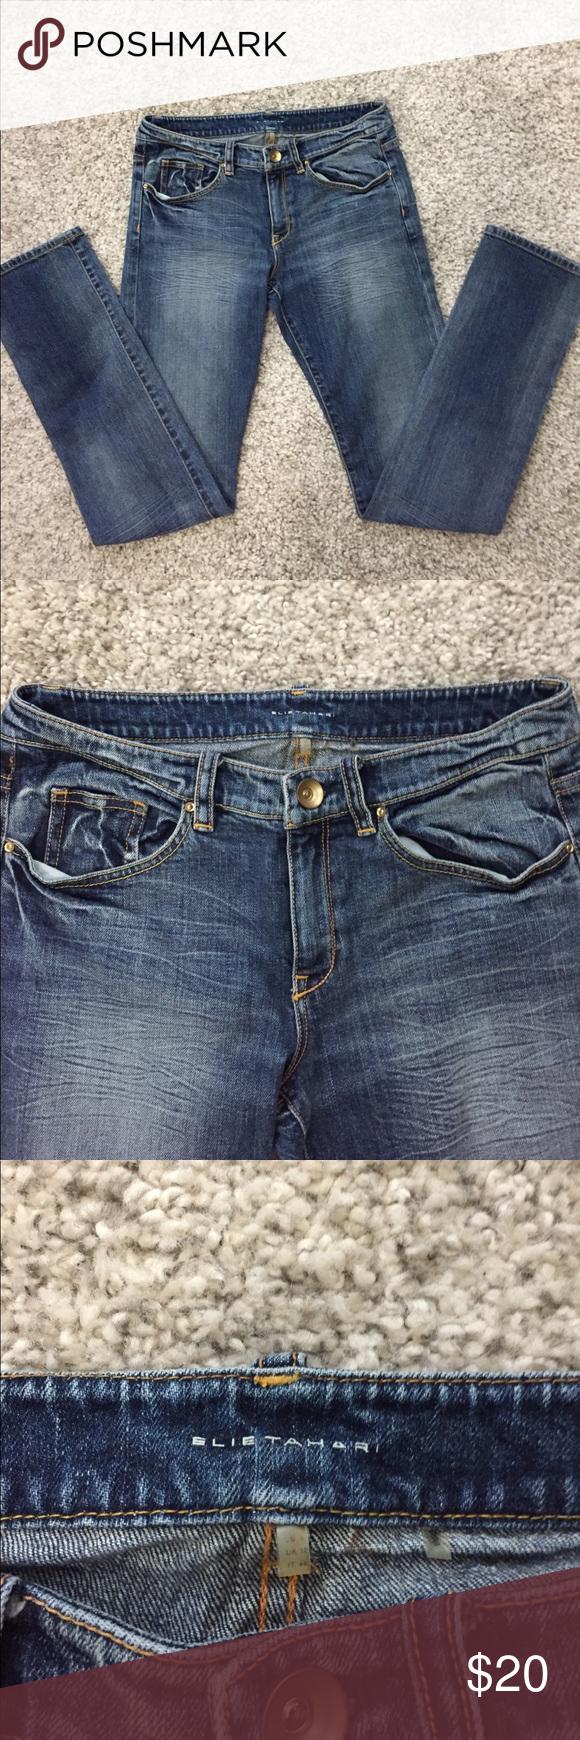 """❗️FLASH SALE❗️Elie Tahari Jeans Adena Straight 28 Elie Tahari Adena Straight Jeans - 28/29  Measurements: Inseam: 30""""                     Waist: 29"""" Rise: 8"""" Elie Tahari Jeans Straight Leg"""